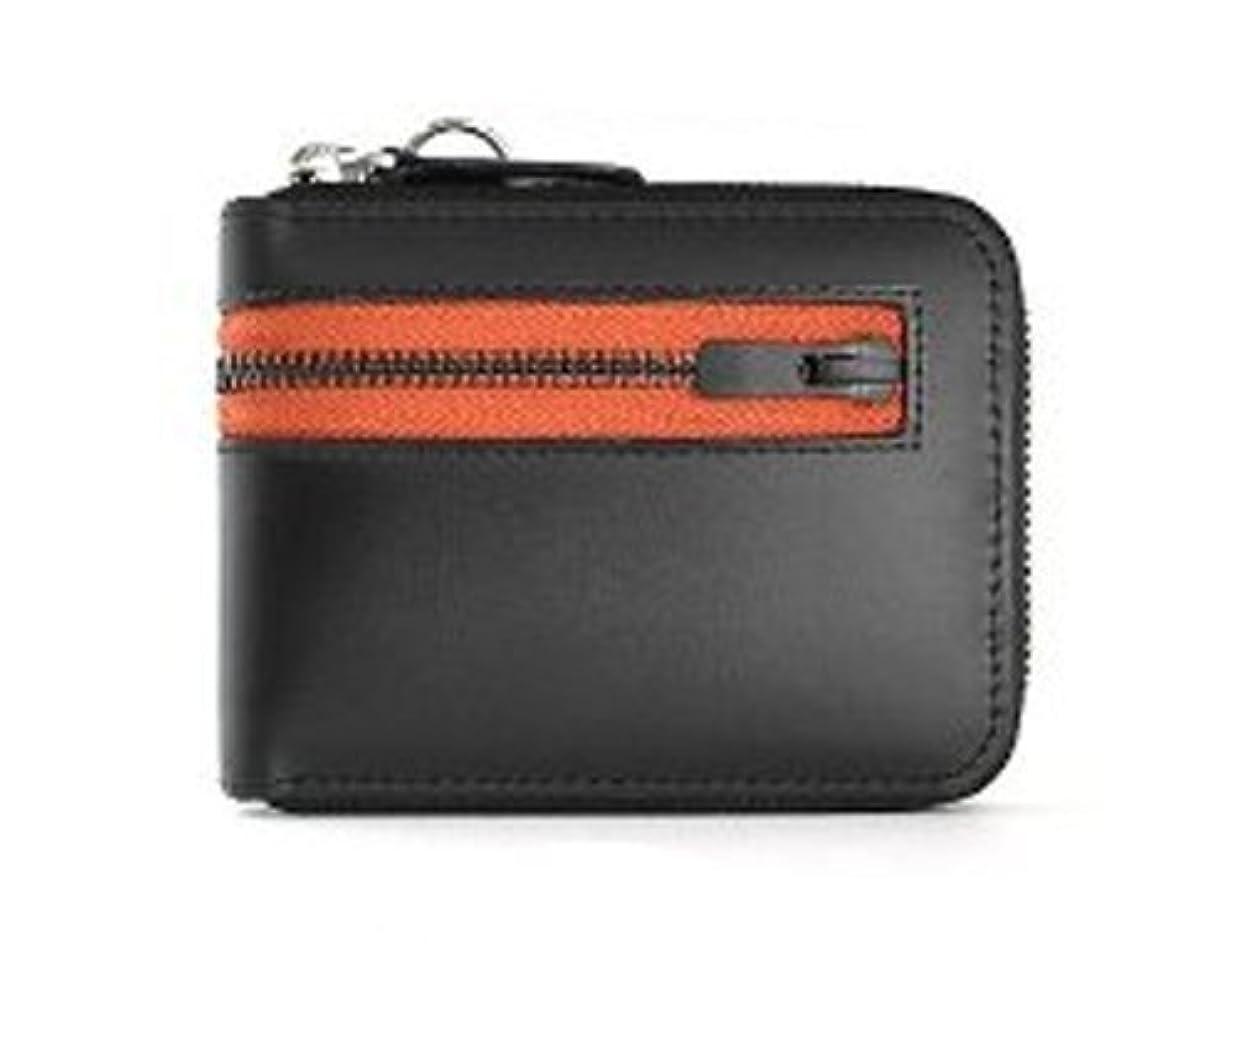 着替える考え放映ユナイテッドオム United HOMME ラウンドファスナー財布 ブラック カラージップテープ UH-1594